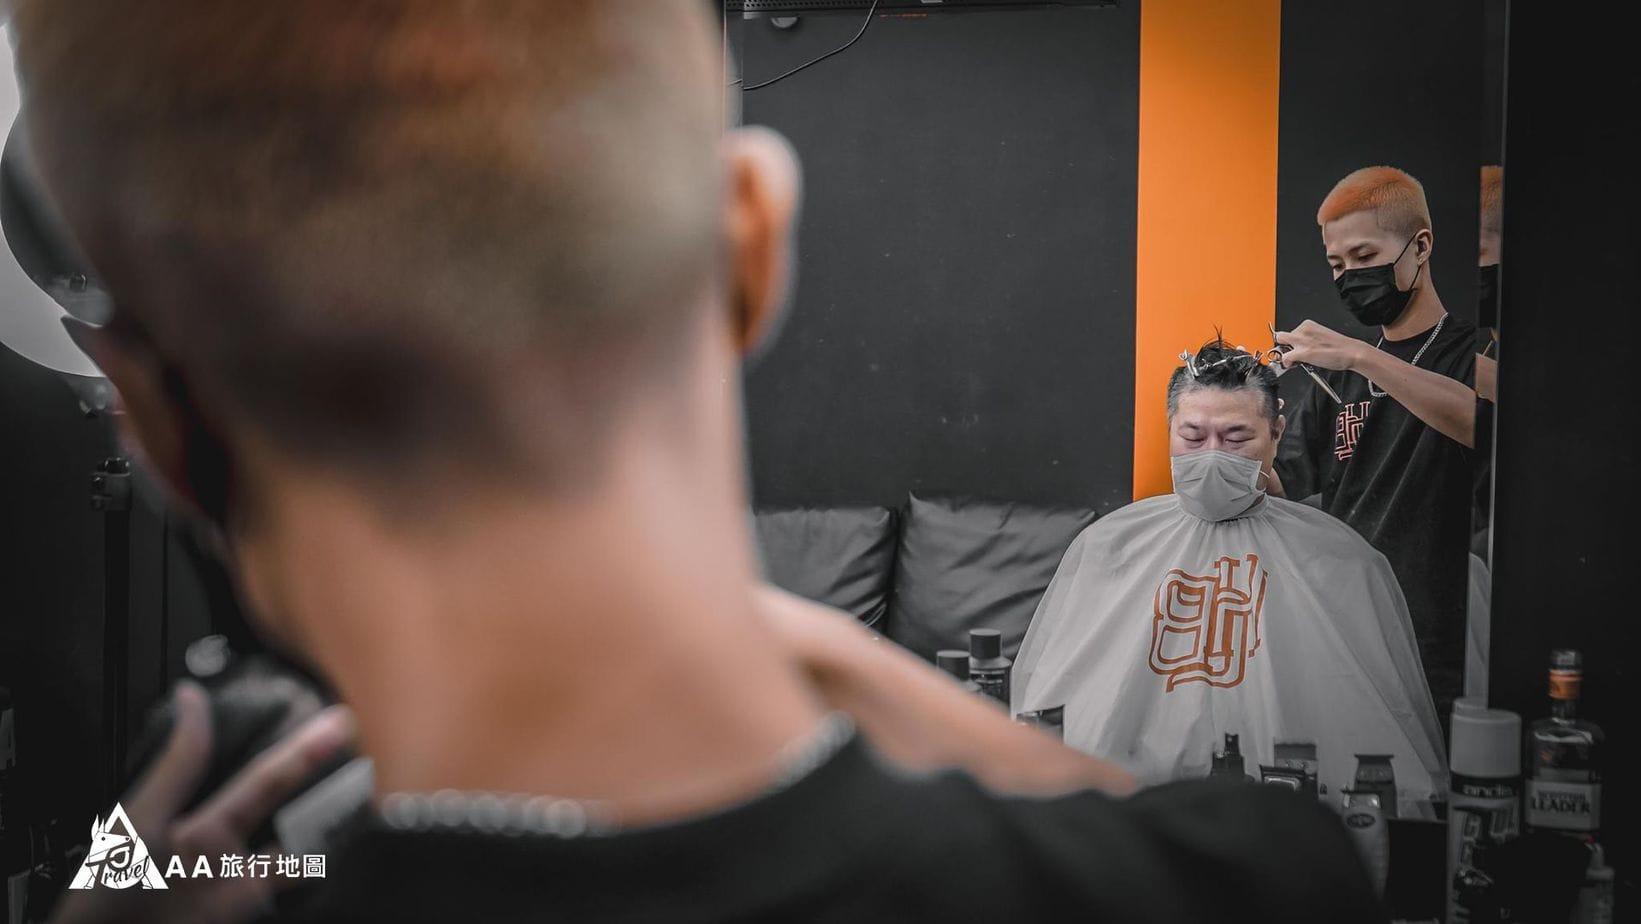 HomeComing ACE很享受理髮師的服務,舒服到都打盹了